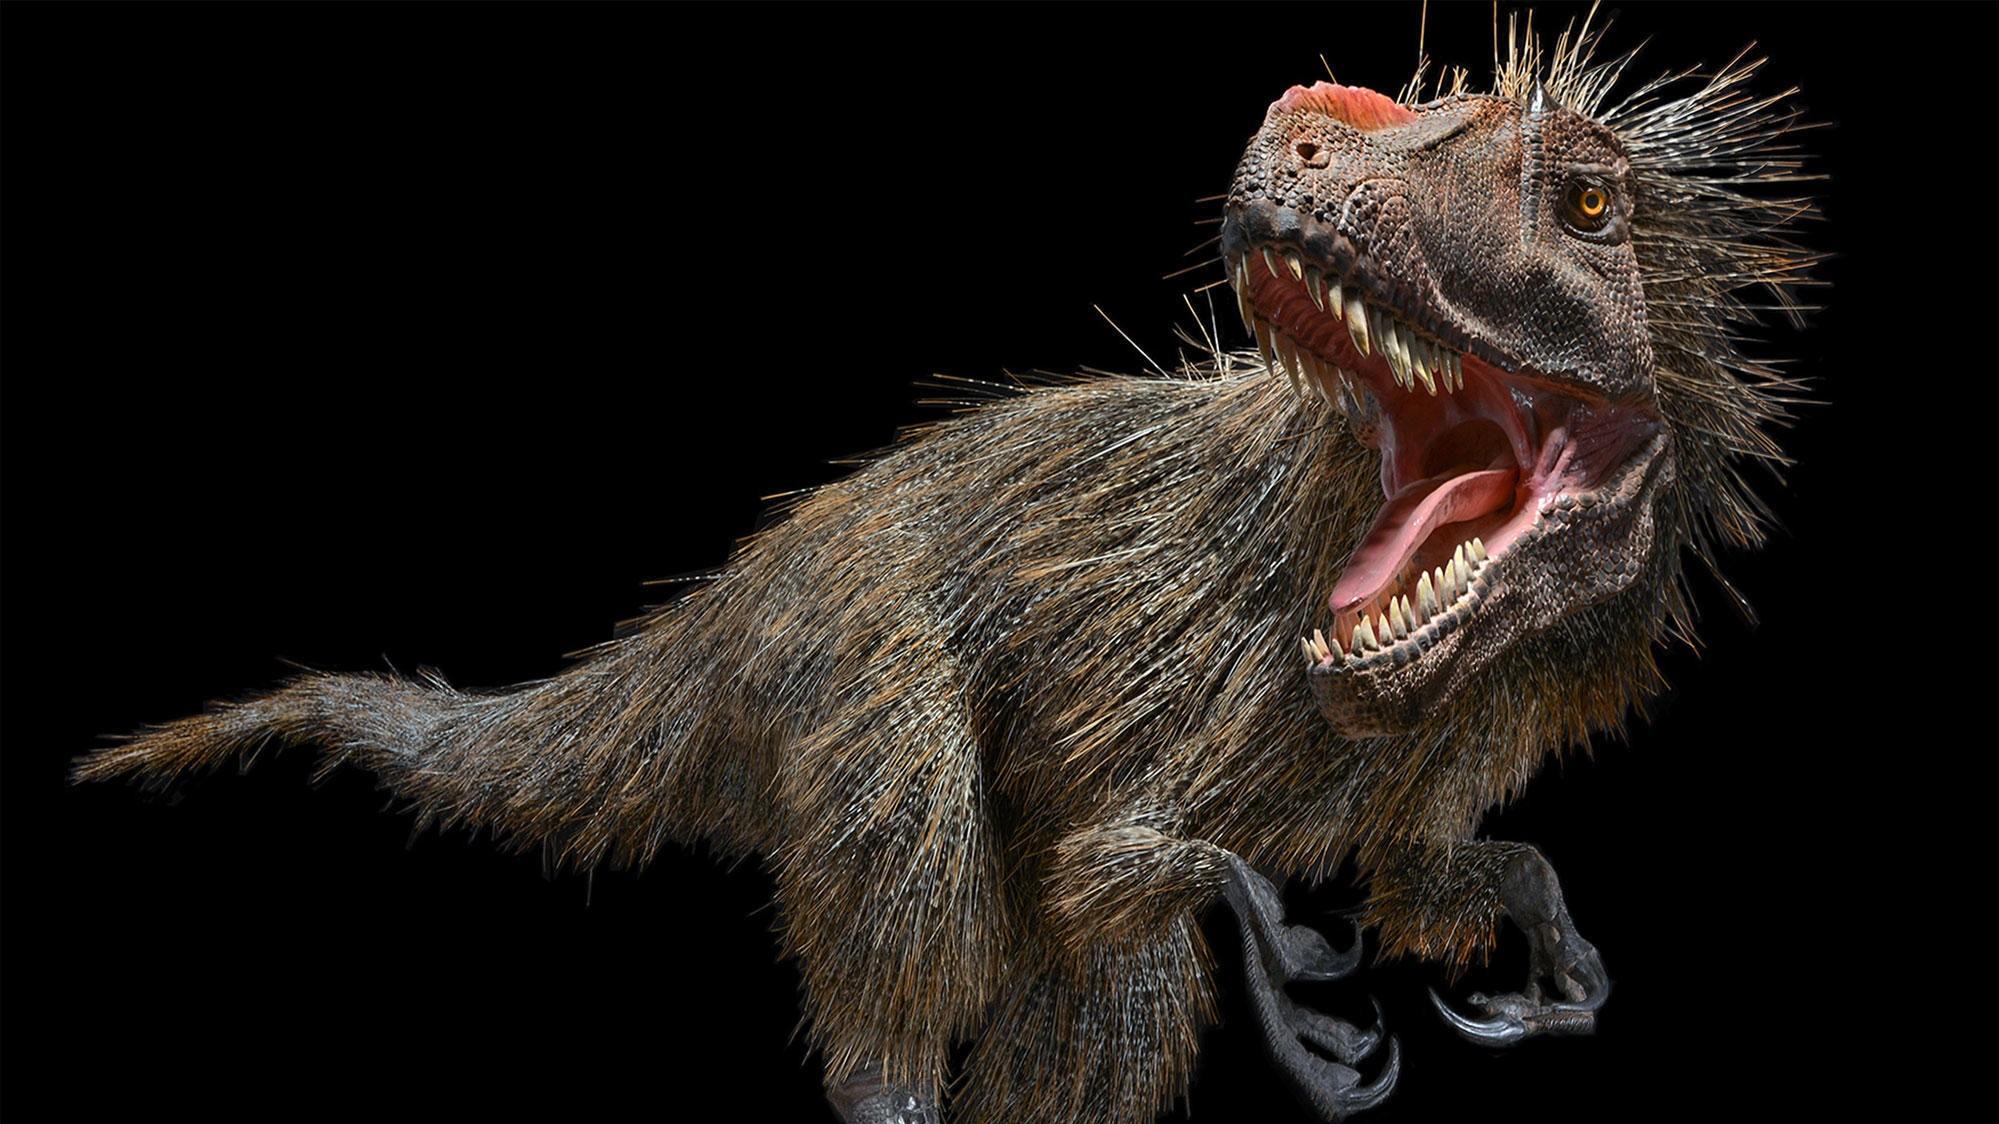 Det ble nylig nærmest slått fast at T-rex hadde fjær. Det avkrefter nå ny forskning som mener tyrannusarus-familien mistet fjærene 30-40 millioner år før T-rex herjet.